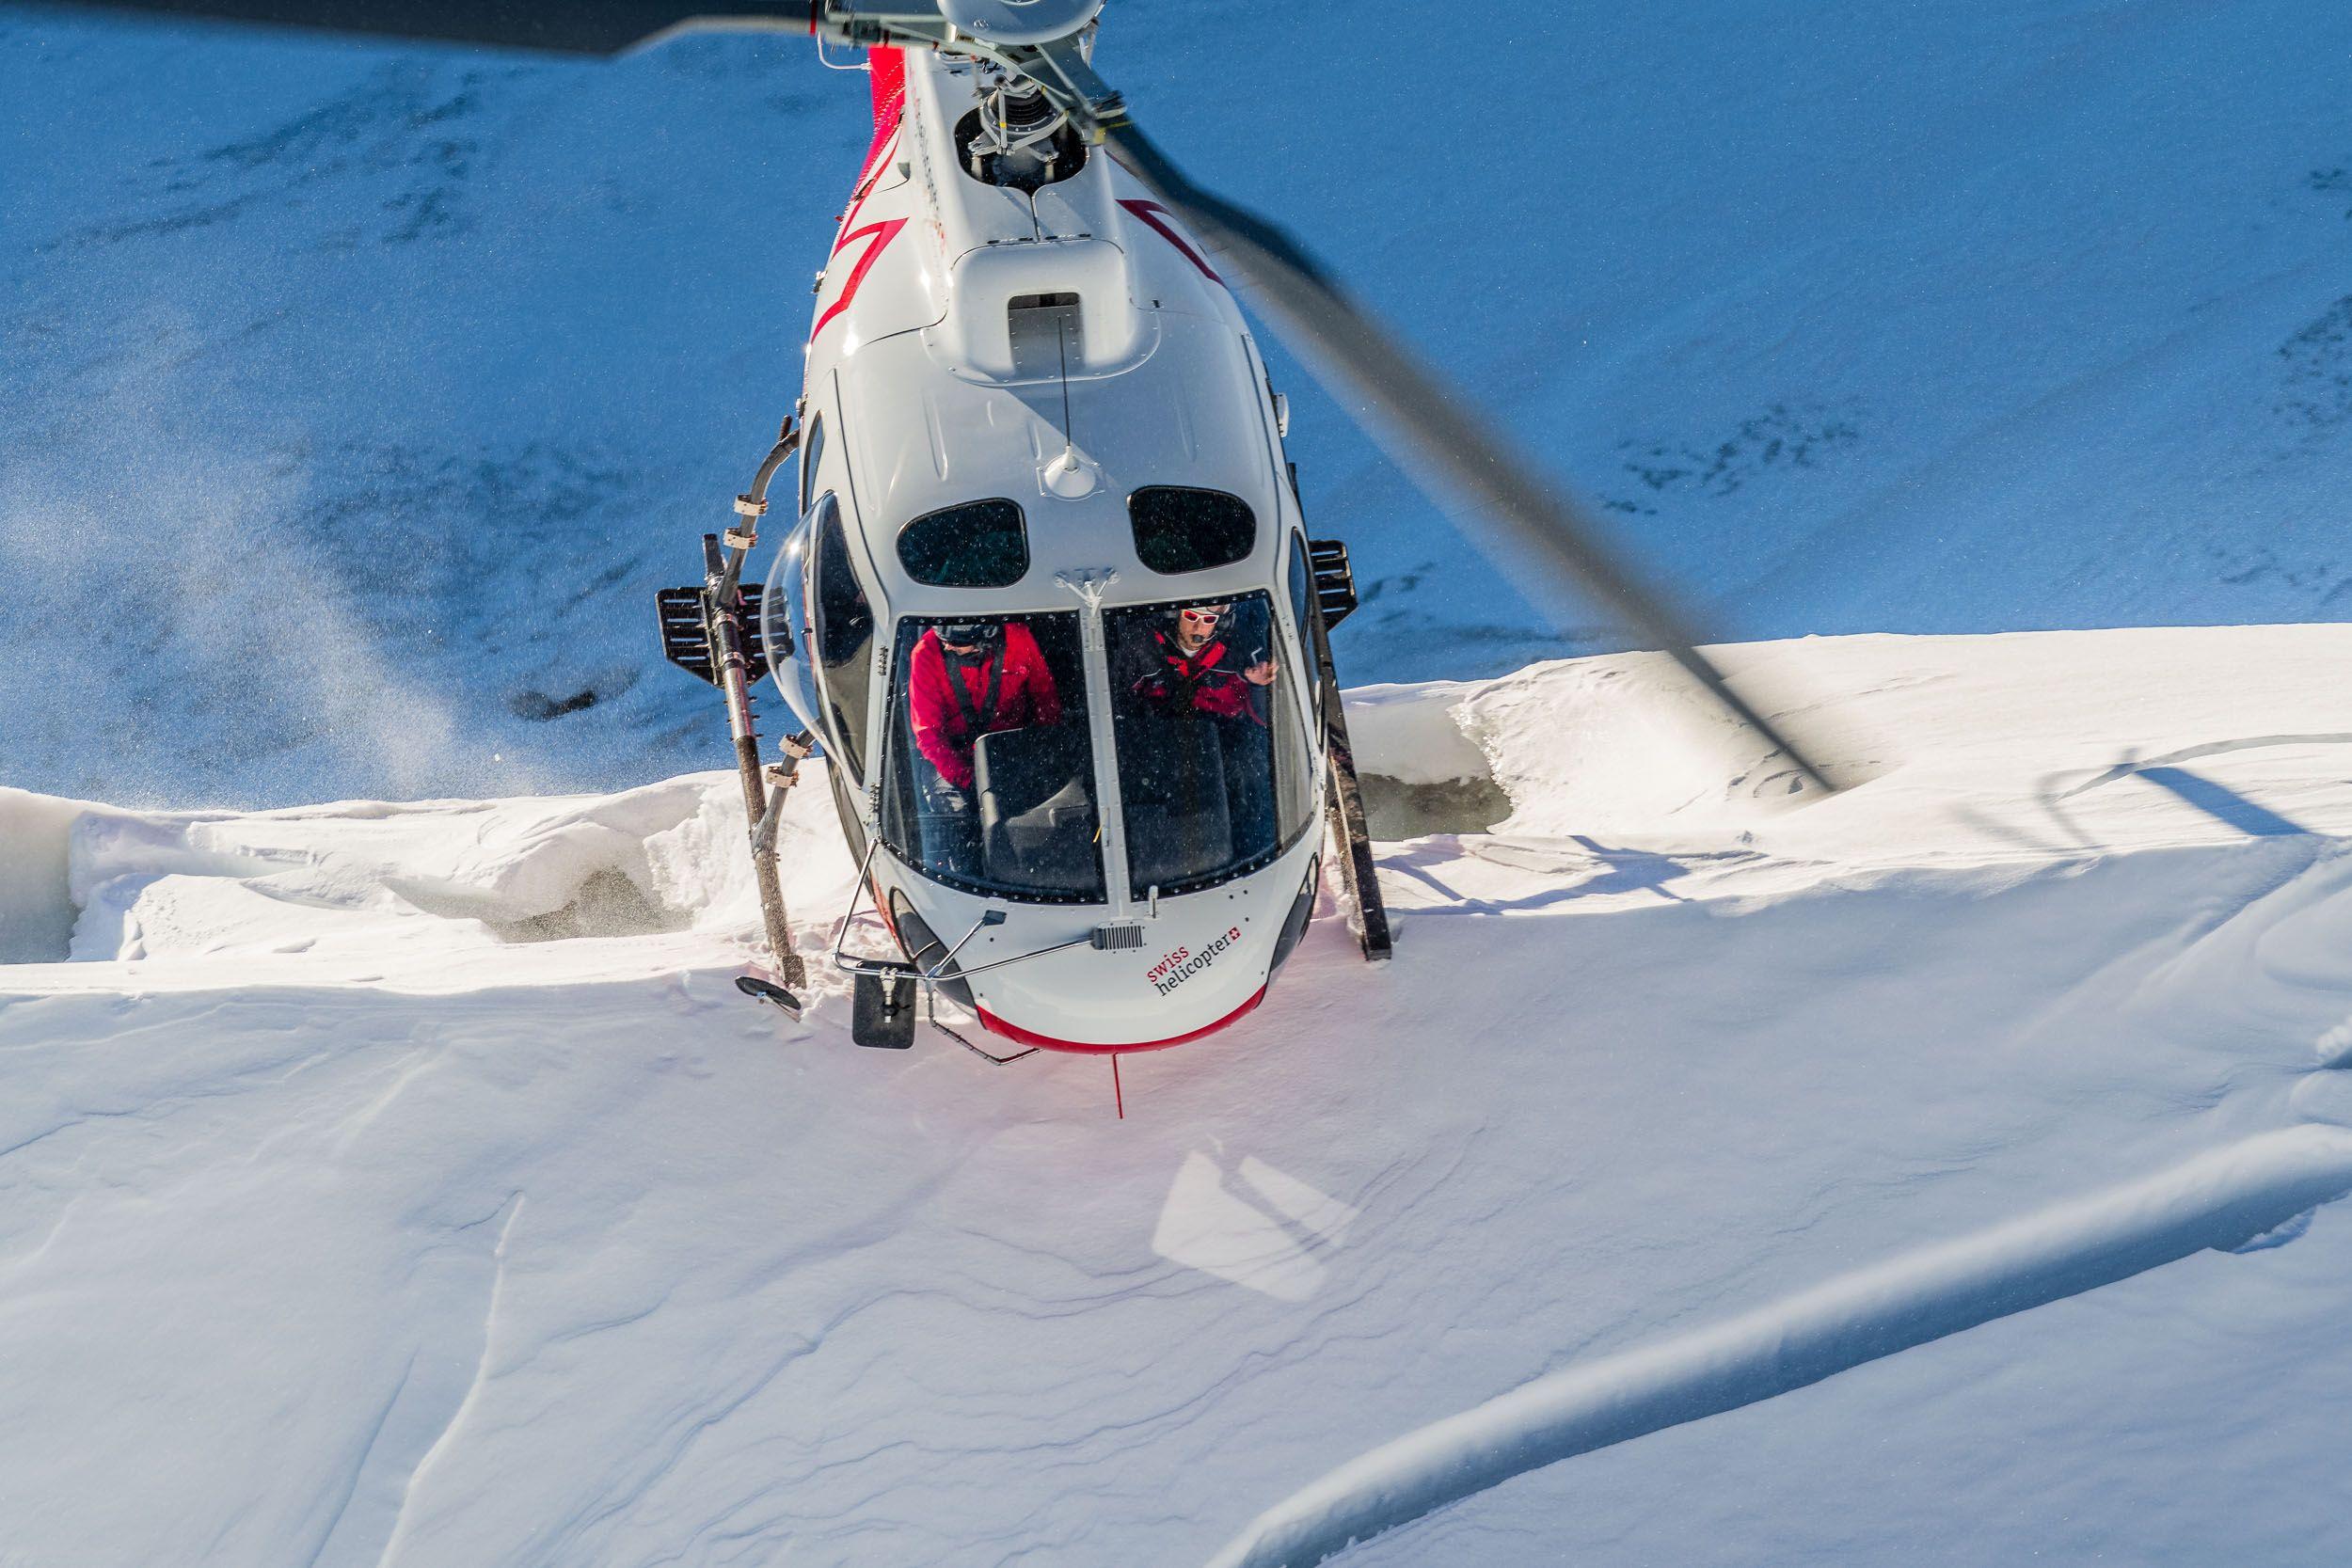 A85_1039-helikopterflug_gletscher_schweiz